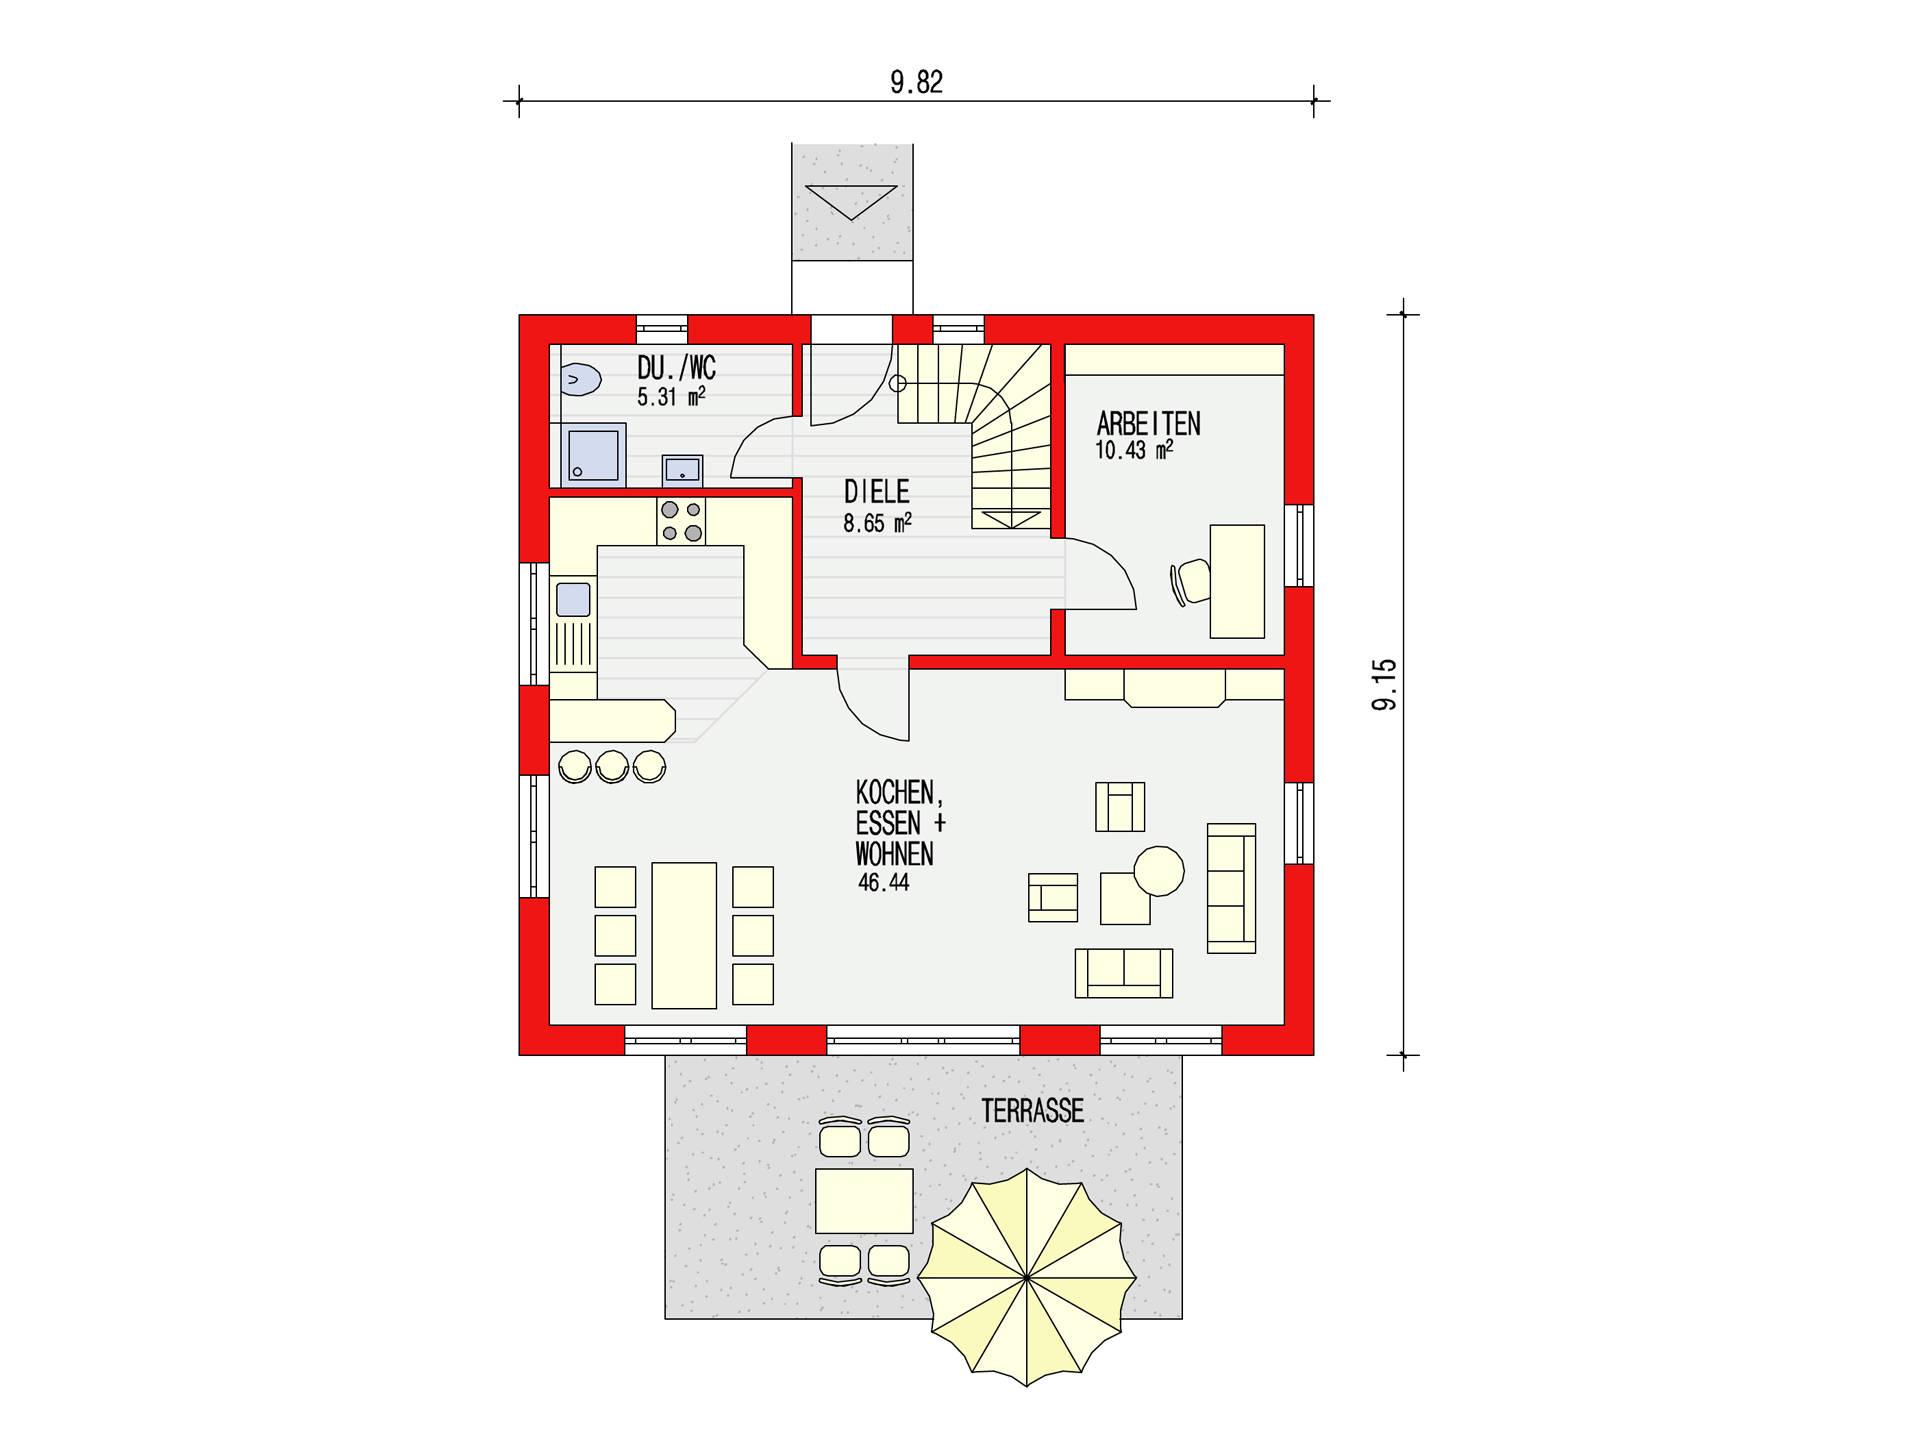 ambiente 135 einfamilienhaus d rr haus. Black Bedroom Furniture Sets. Home Design Ideas